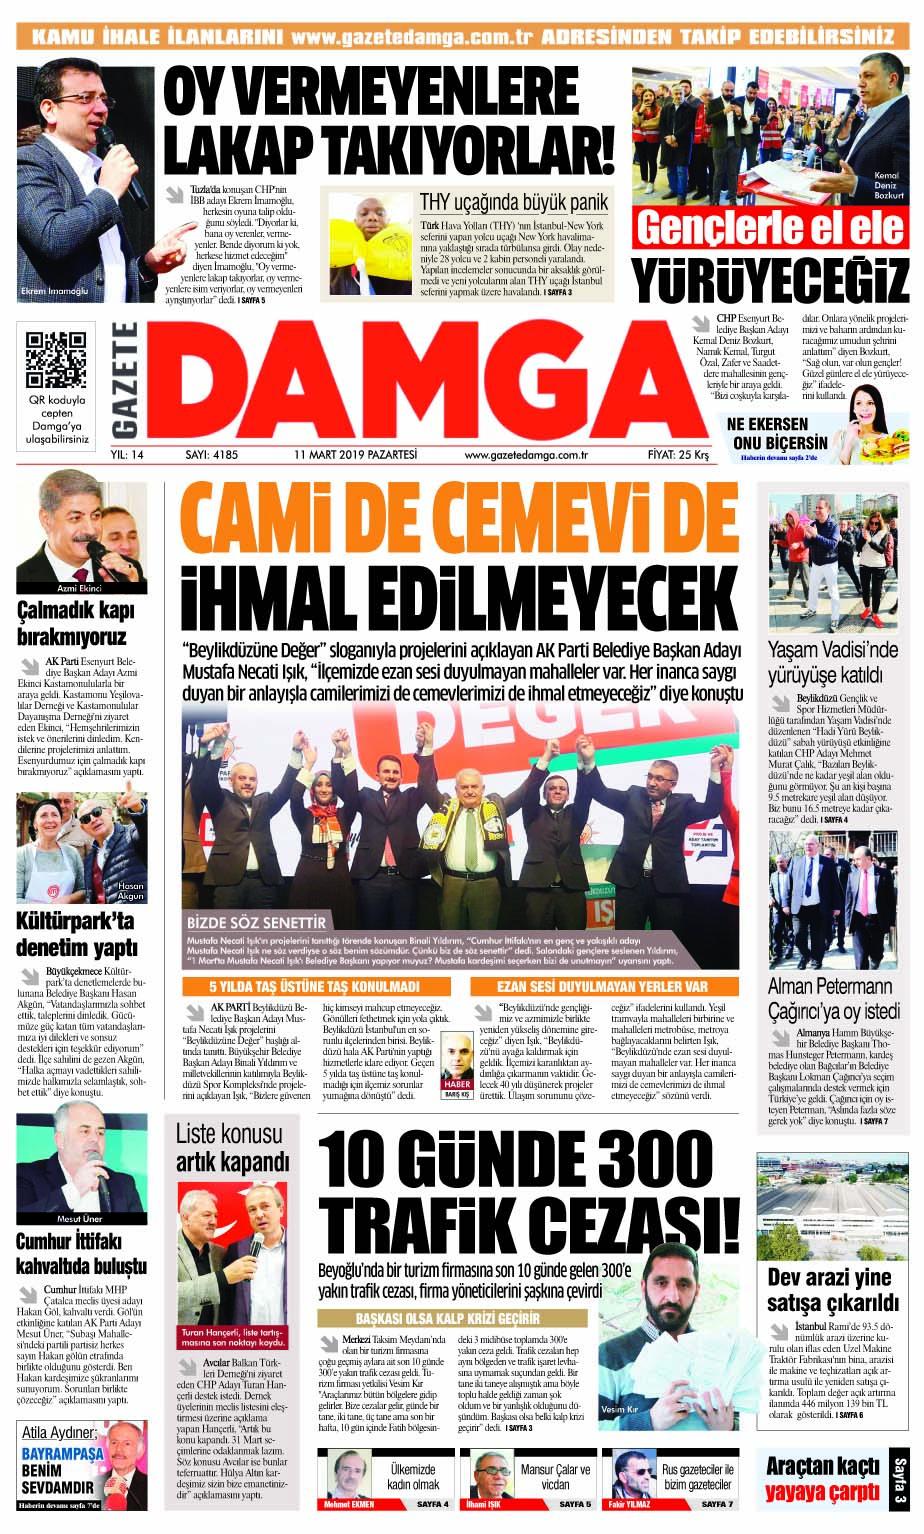 Gazete Damga - 11.03.2019 Sayfaları